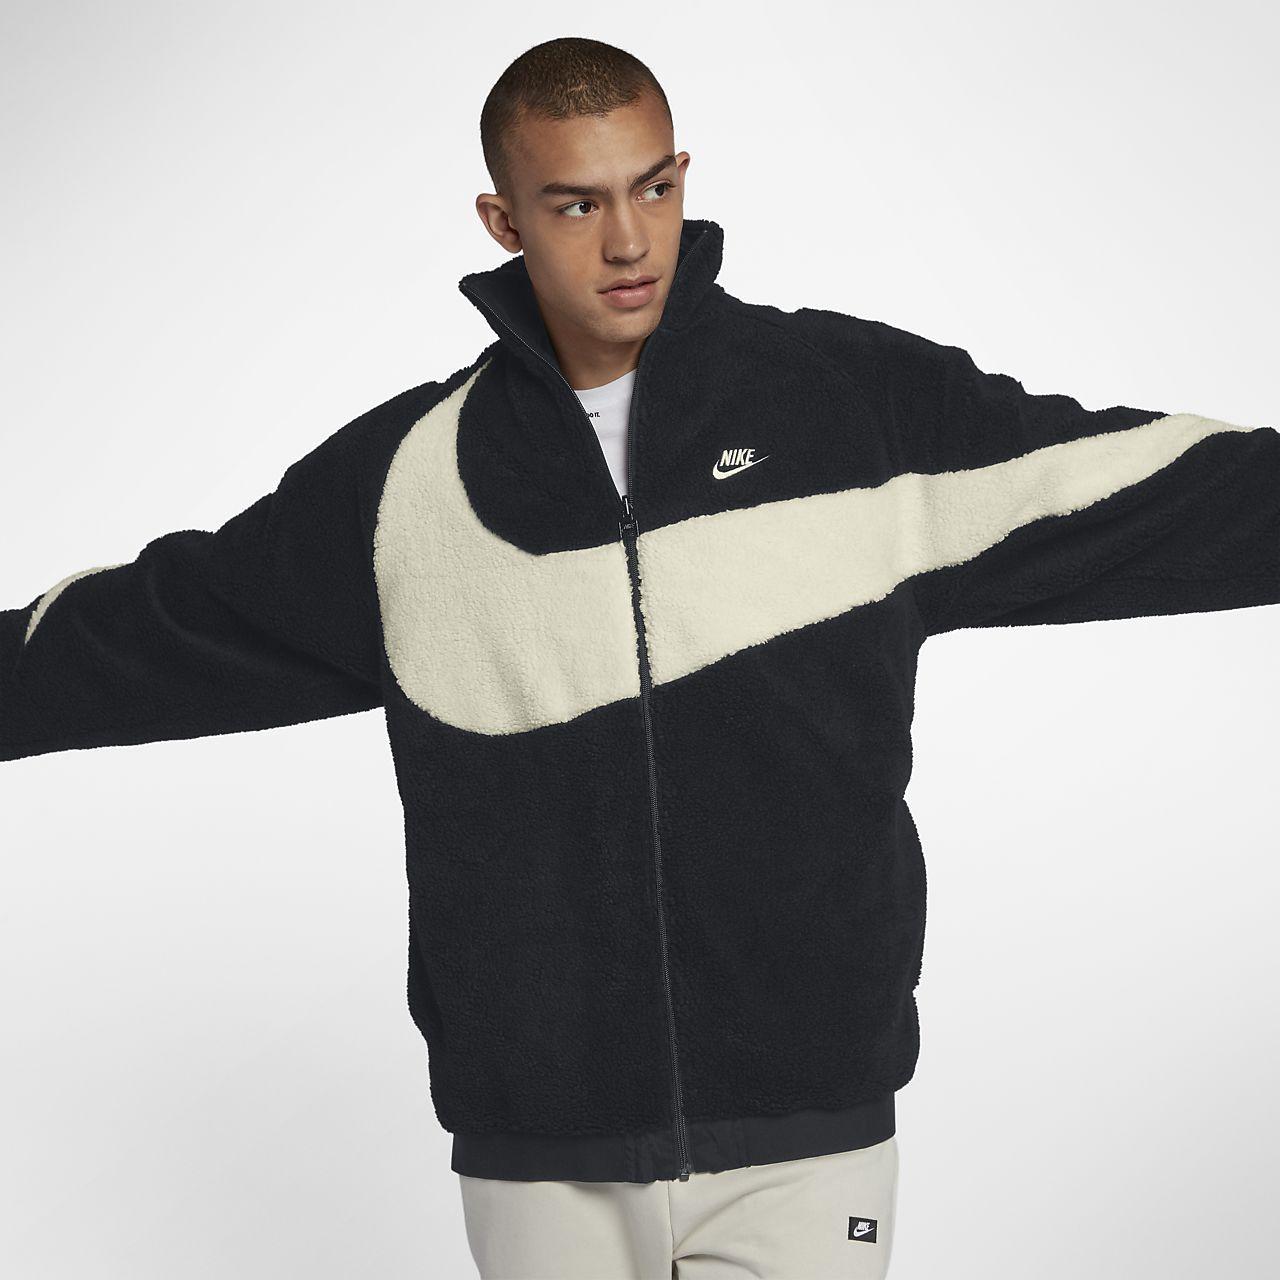 étnico Peticionario apelación  Nike Sportswear Reversible Men's Jacket | Veste nike, Veste, Nike